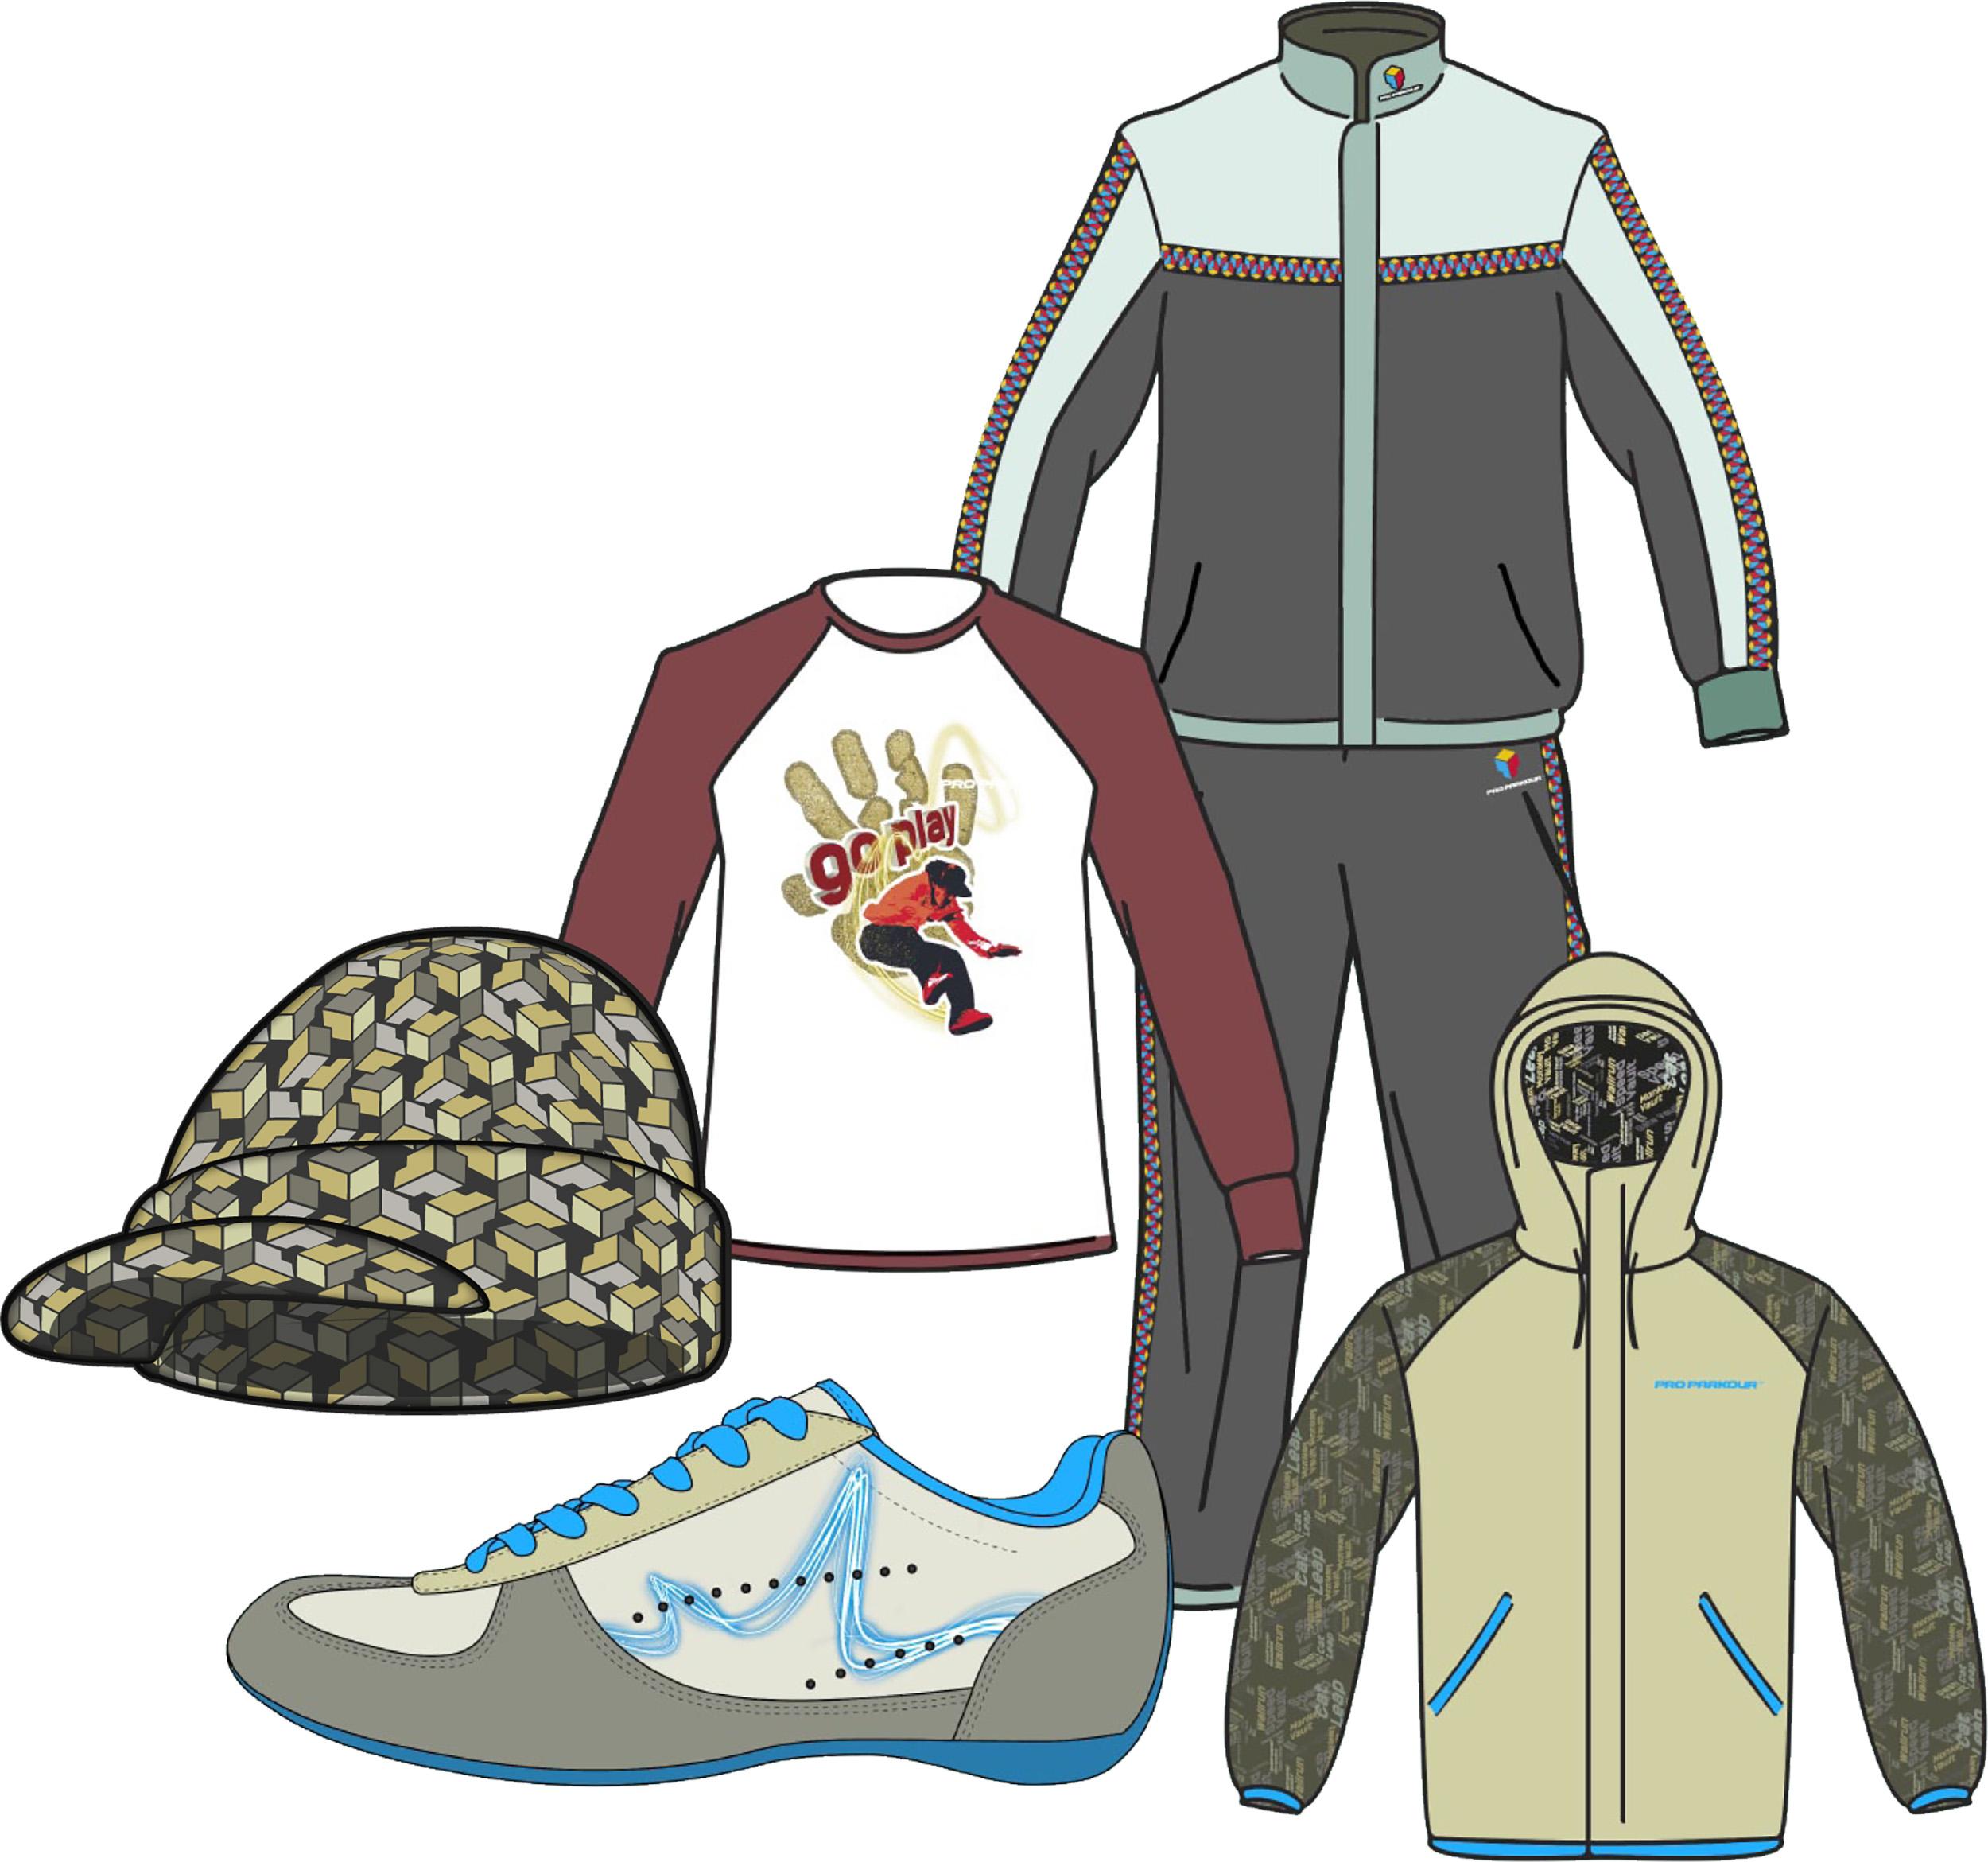 Pro Parkour apparel concepts